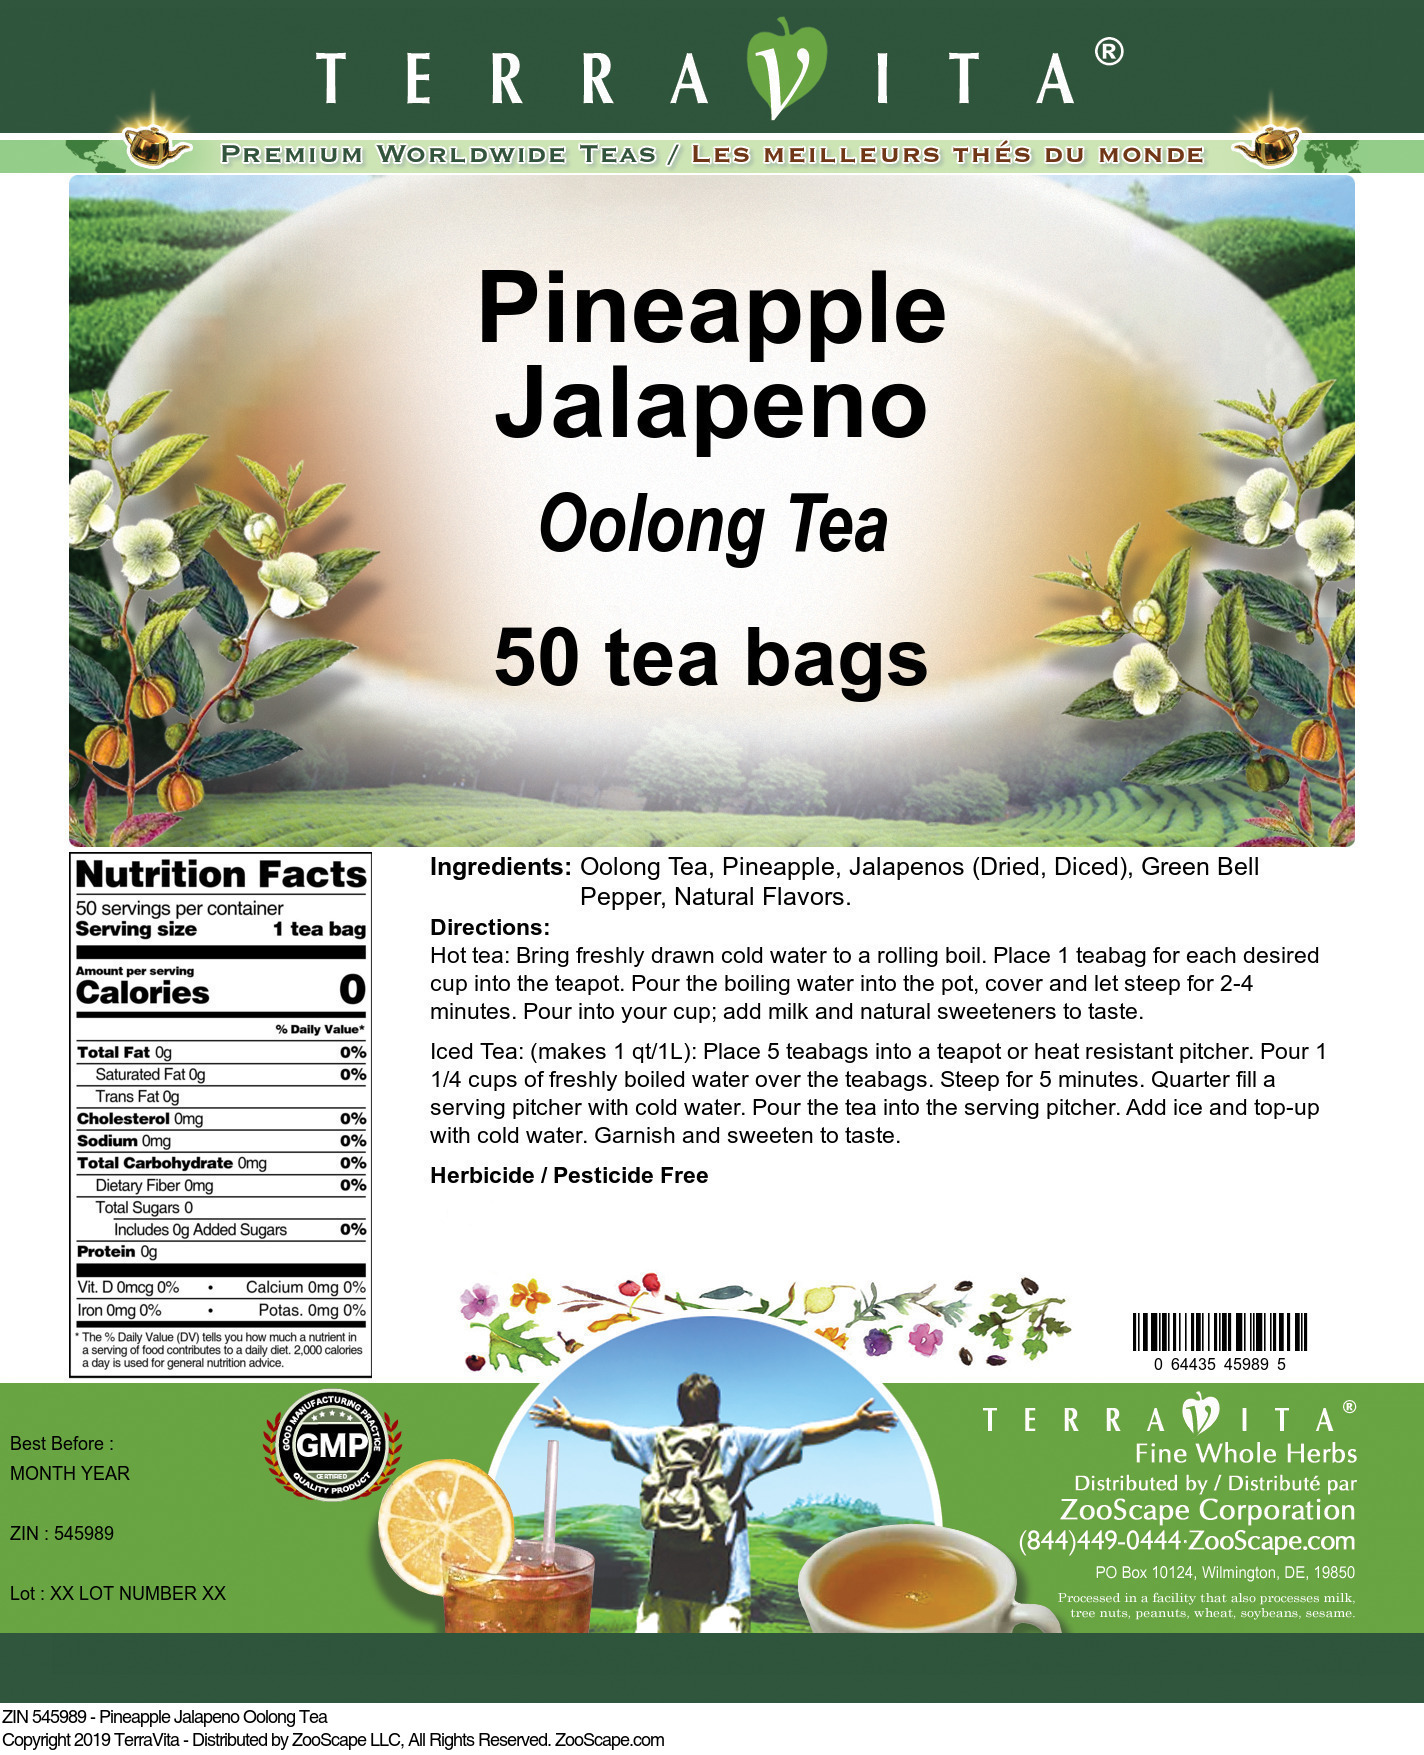 Pineapple Jalapeno Oolong Tea